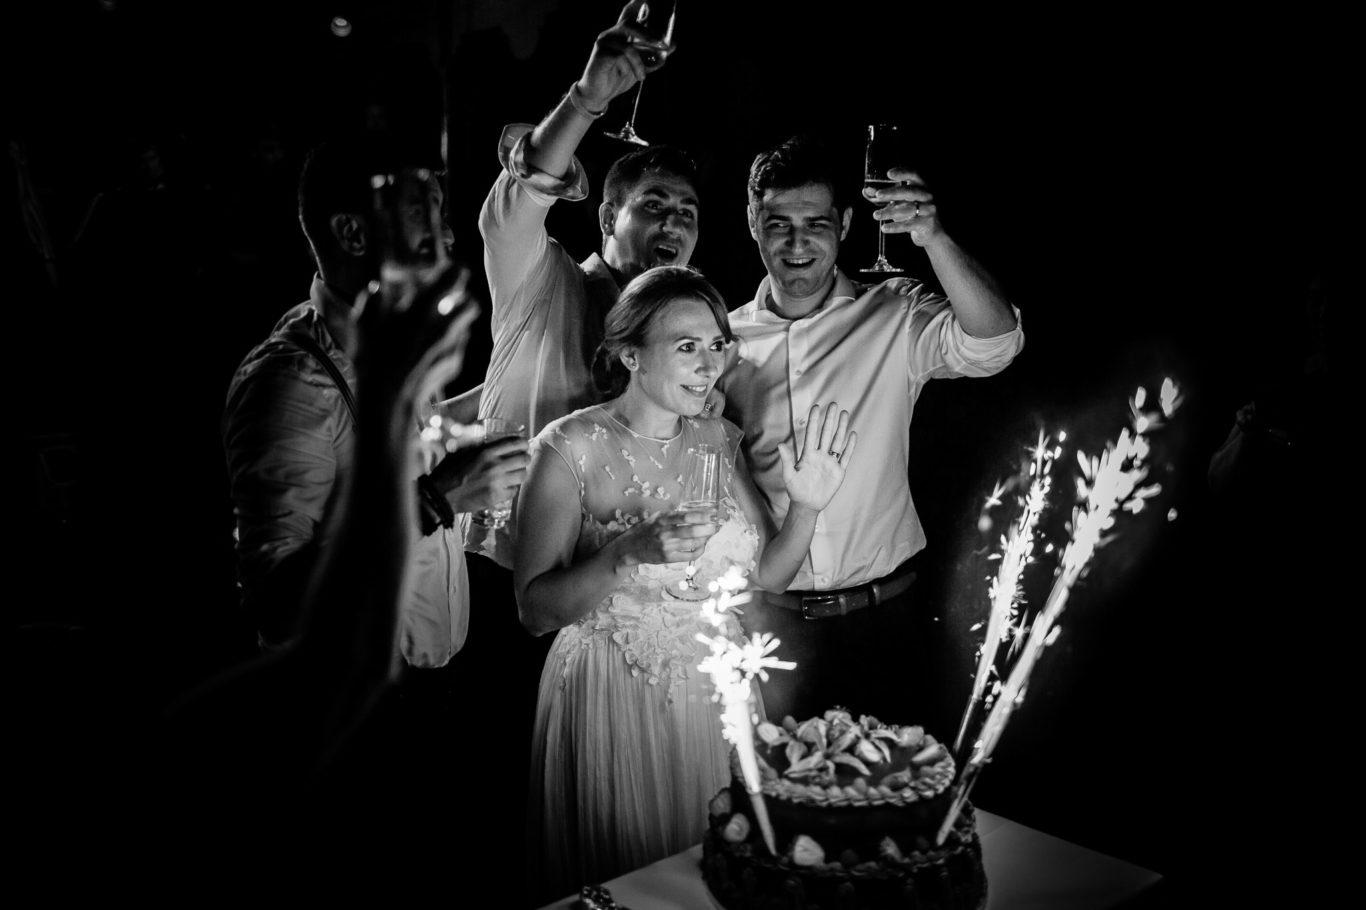 0684-Fotografie-nunta-botez-Ingrid-Geta-Mihai-fotograf-Ciprian-Dumitrescu-DCF_9712